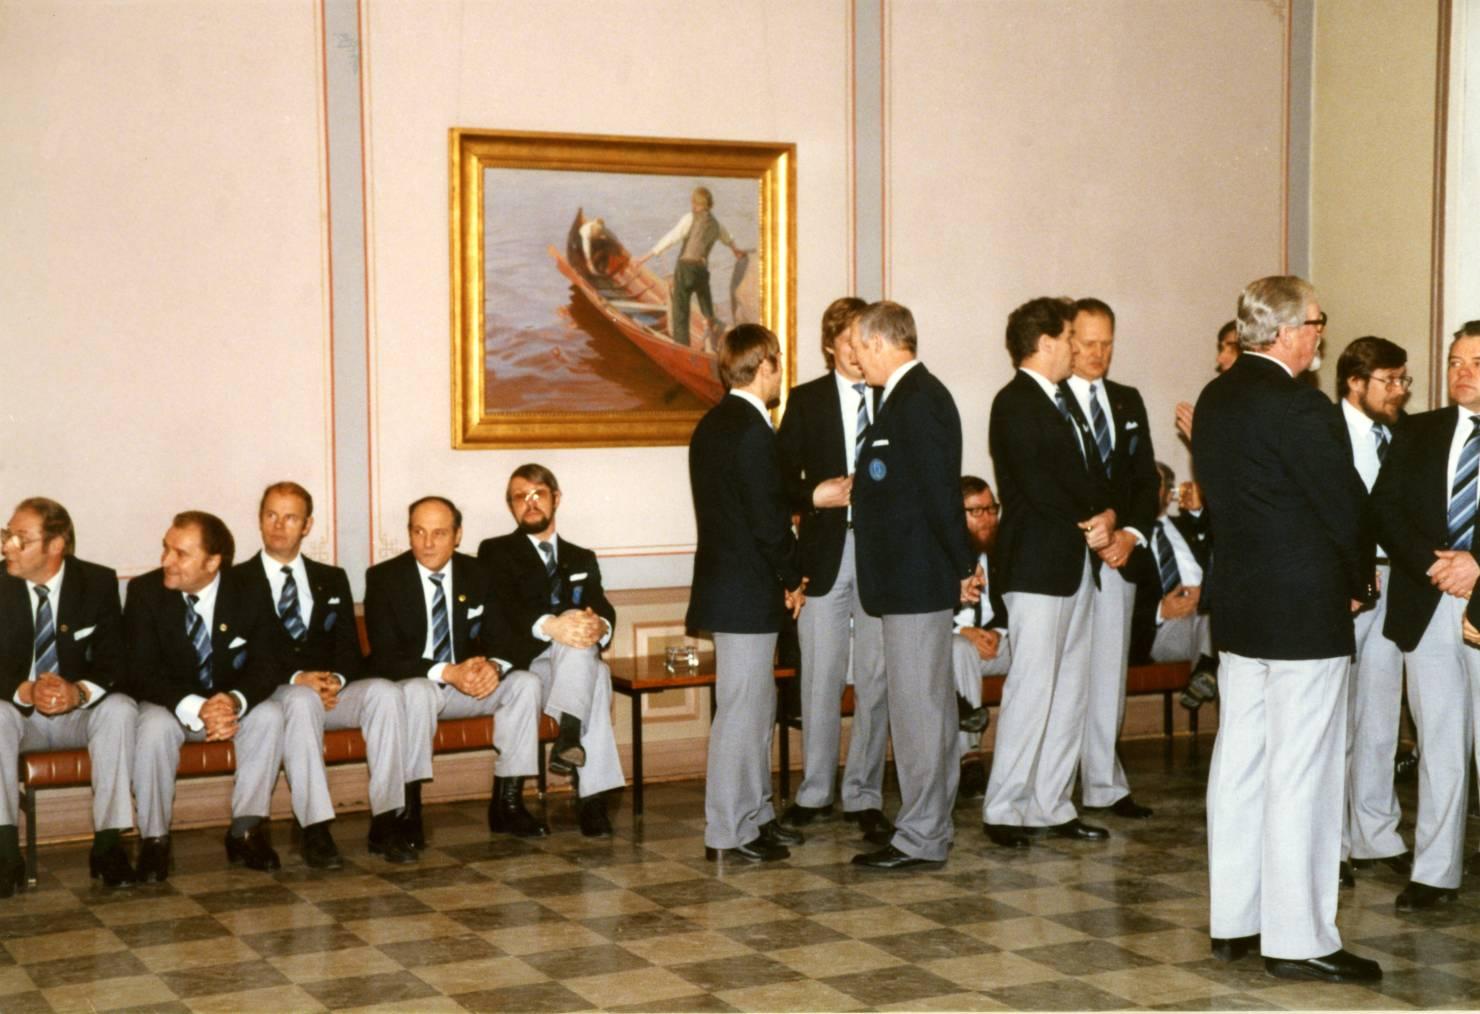 Laulu-Jaakot maaherran juhlissa v. 1985